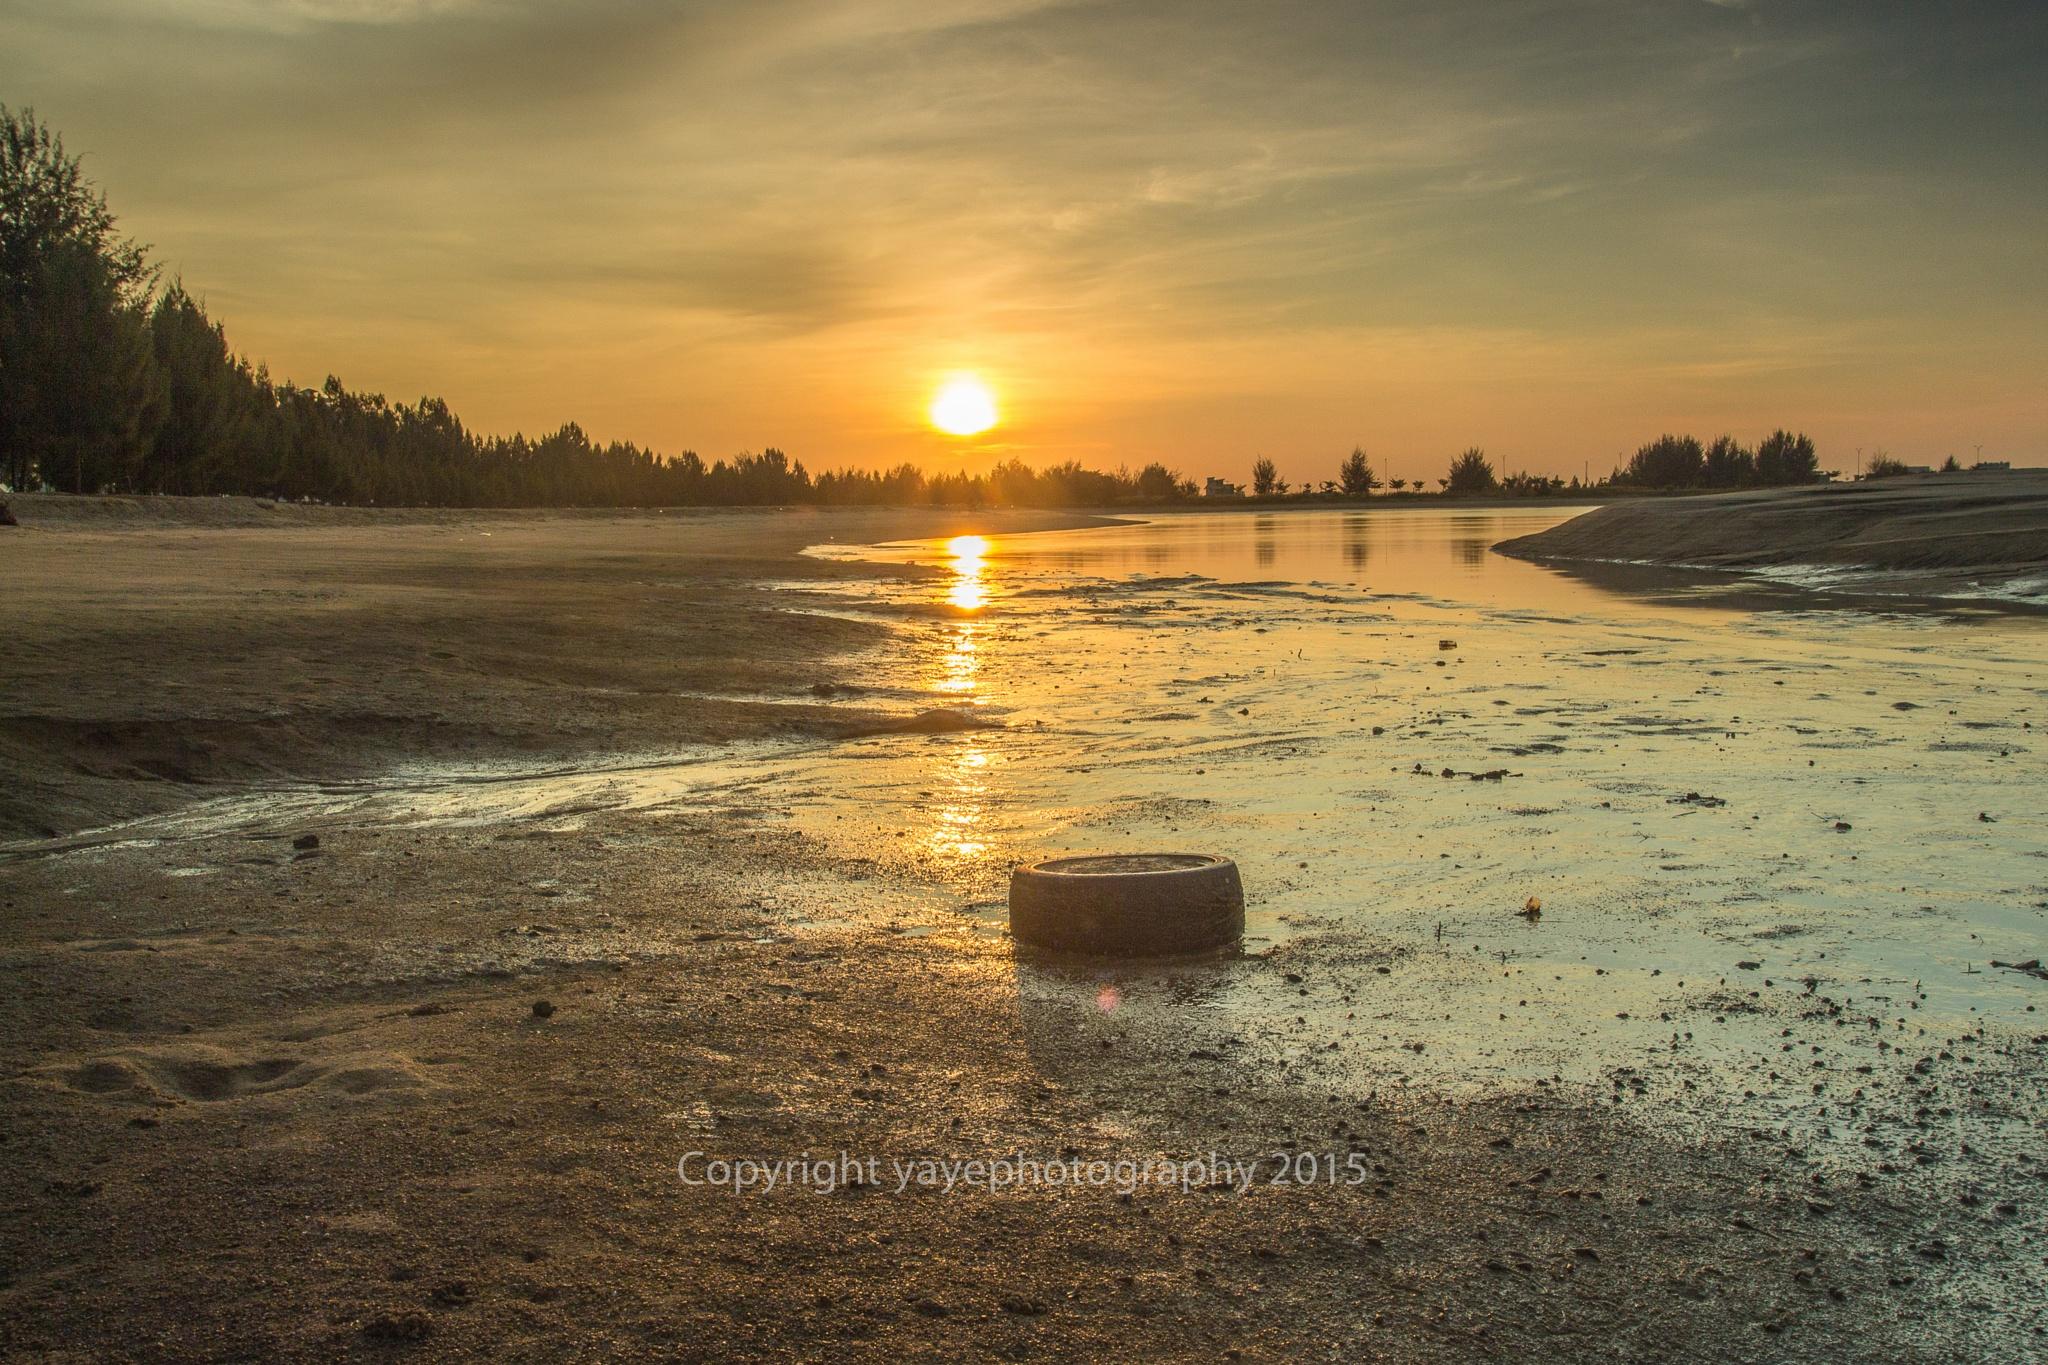 Sunrise at Klebang Beach, Malaysia by yaye